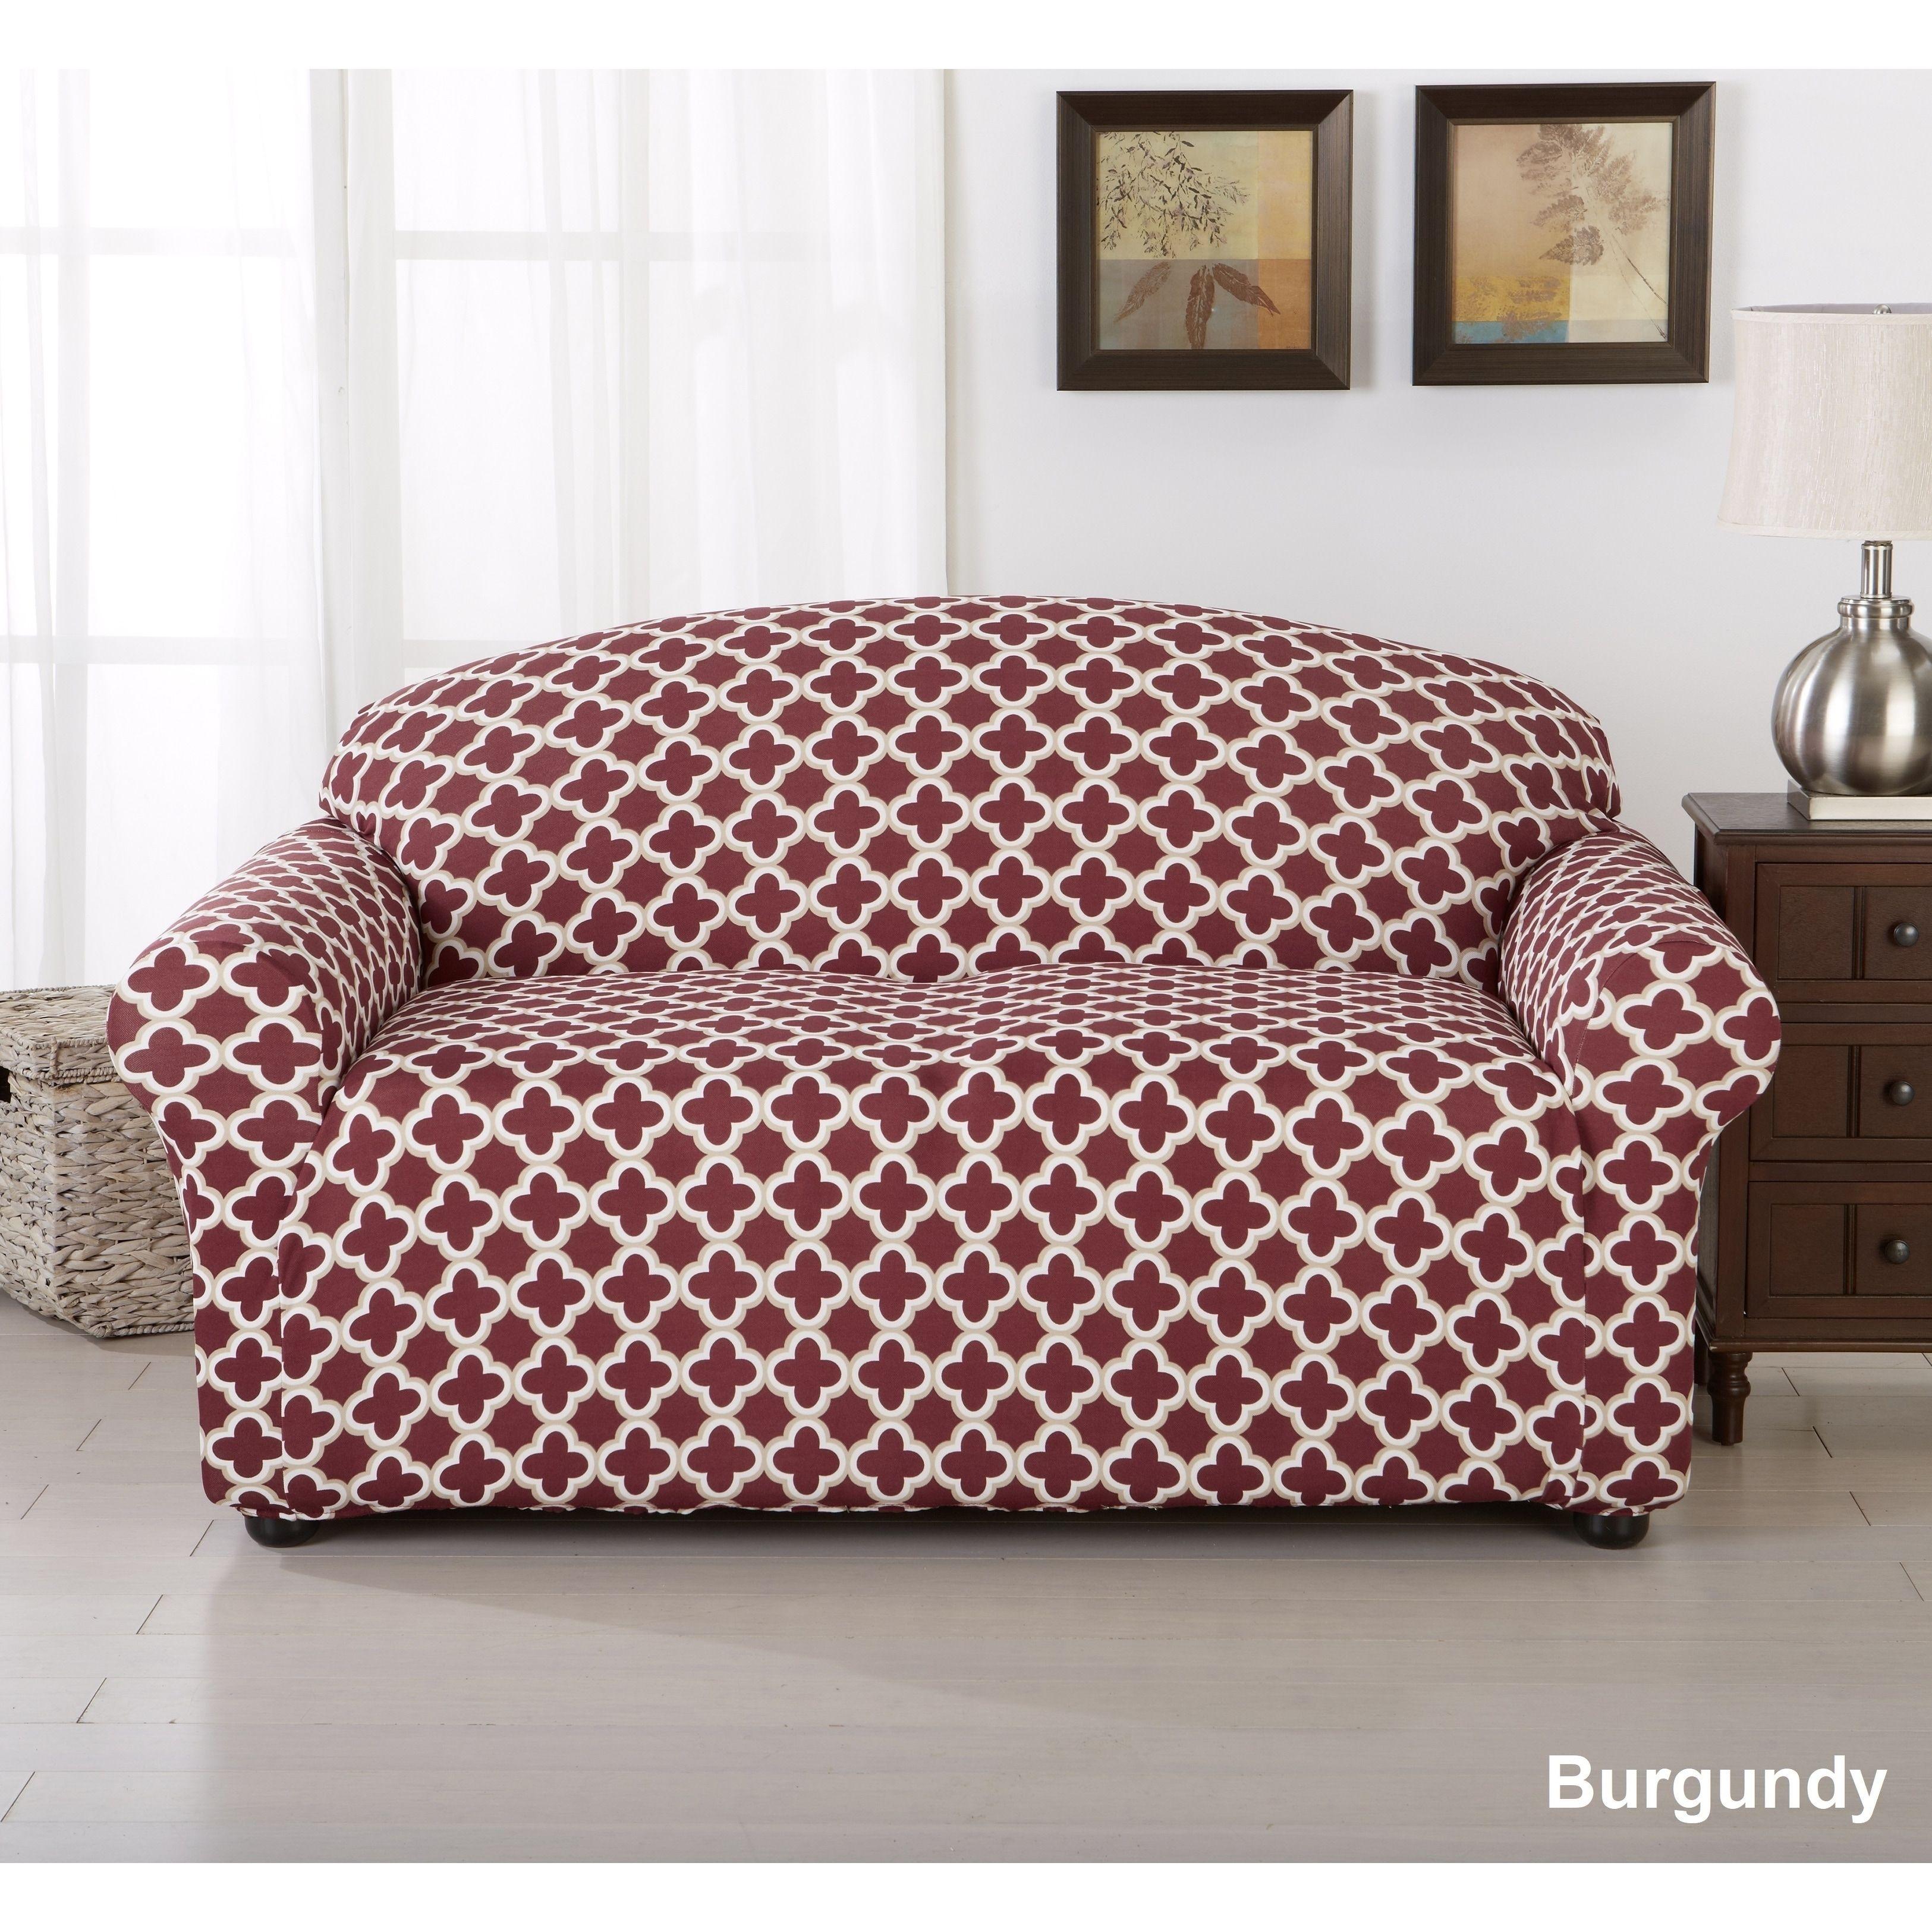 Pleasing Home Fashion Designs Brenna Collection Trellis Print Stretch Unemploymentrelief Wooden Chair Designs For Living Room Unemploymentrelieforg